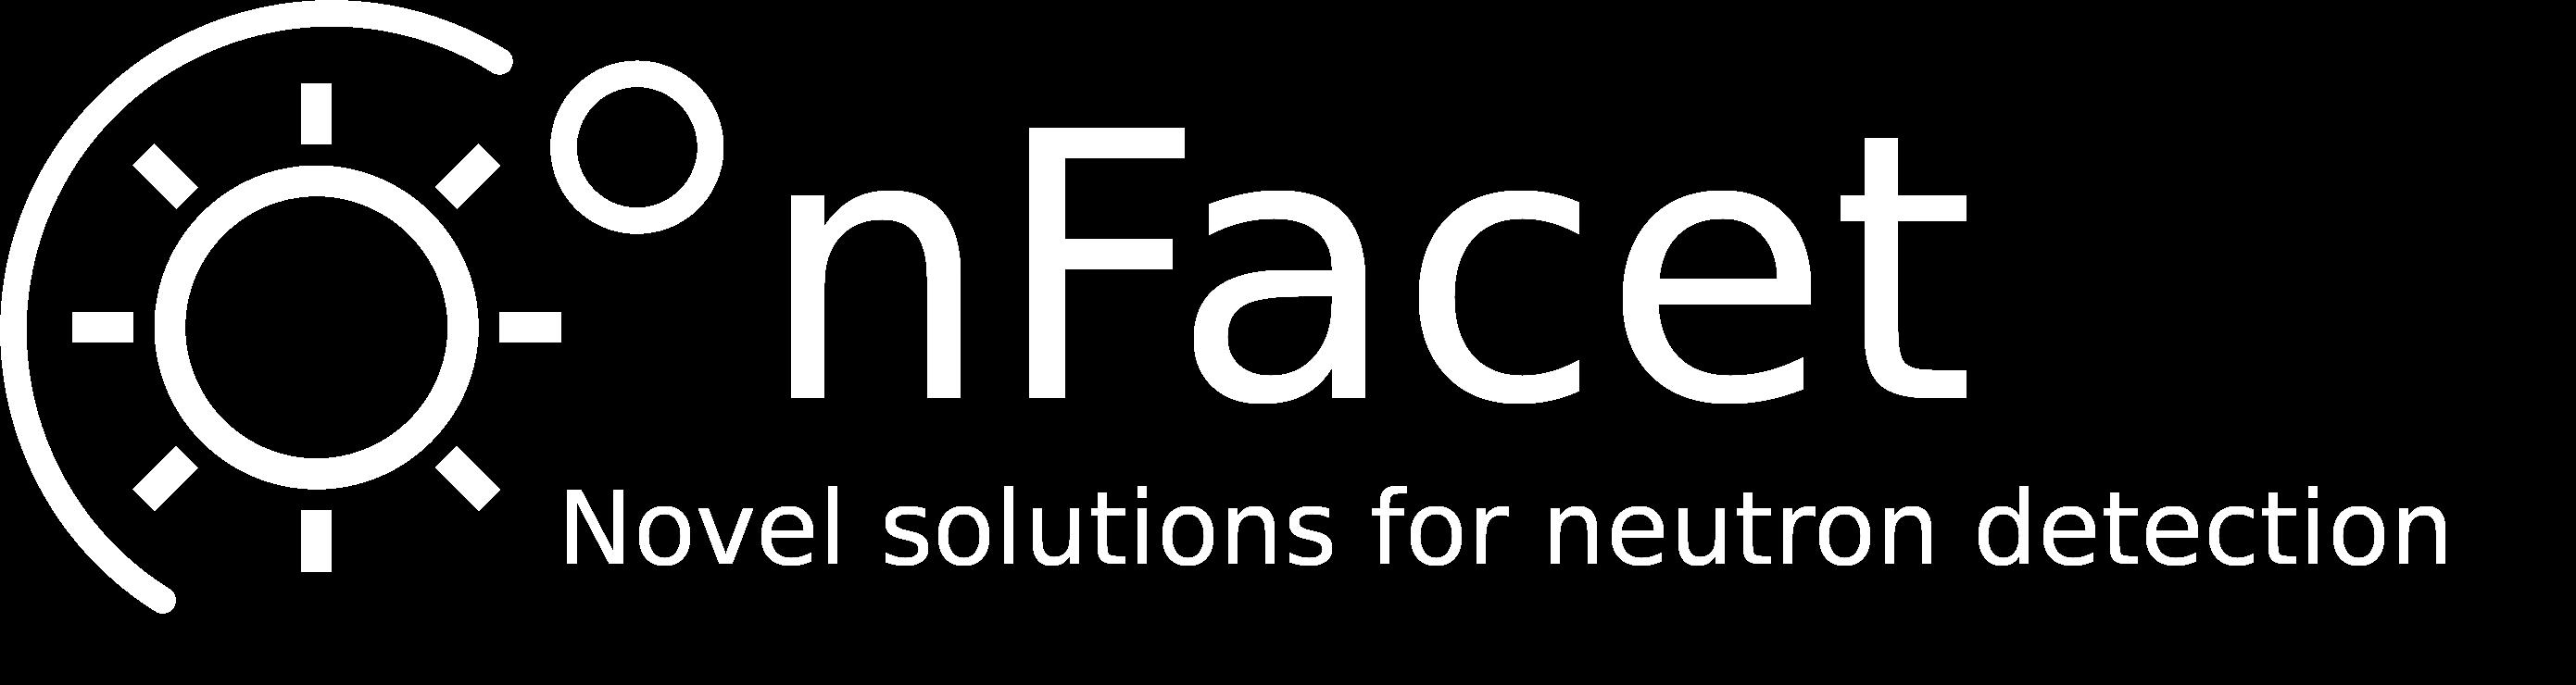 nFacet